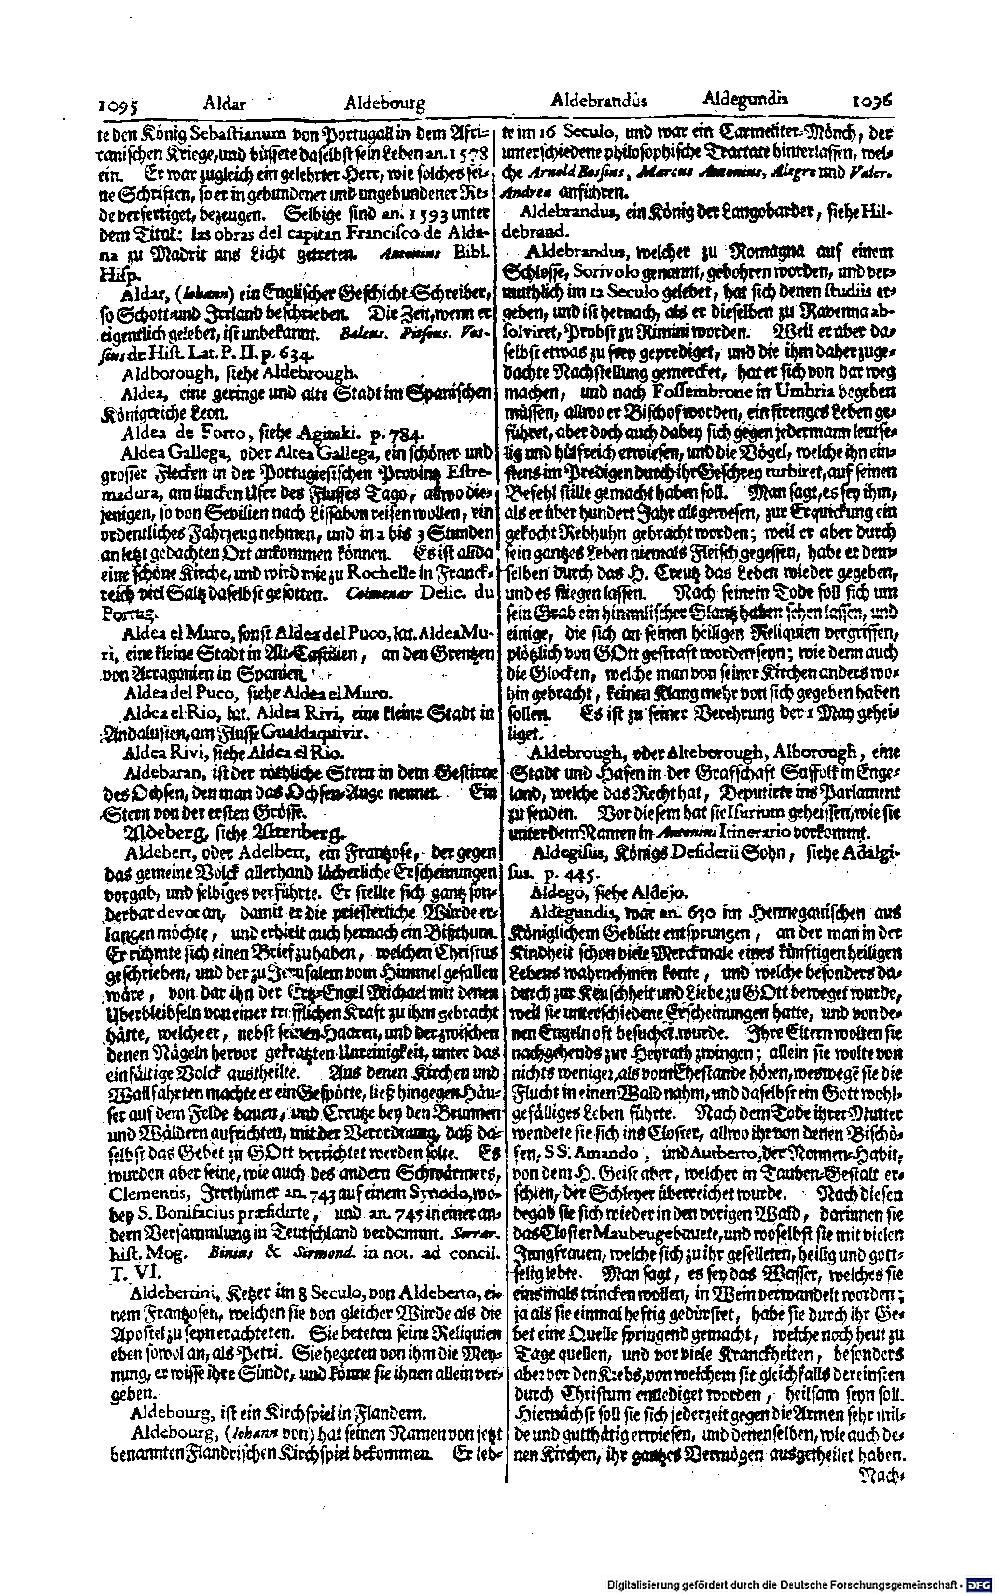 Bd. 01, Seite 0587.